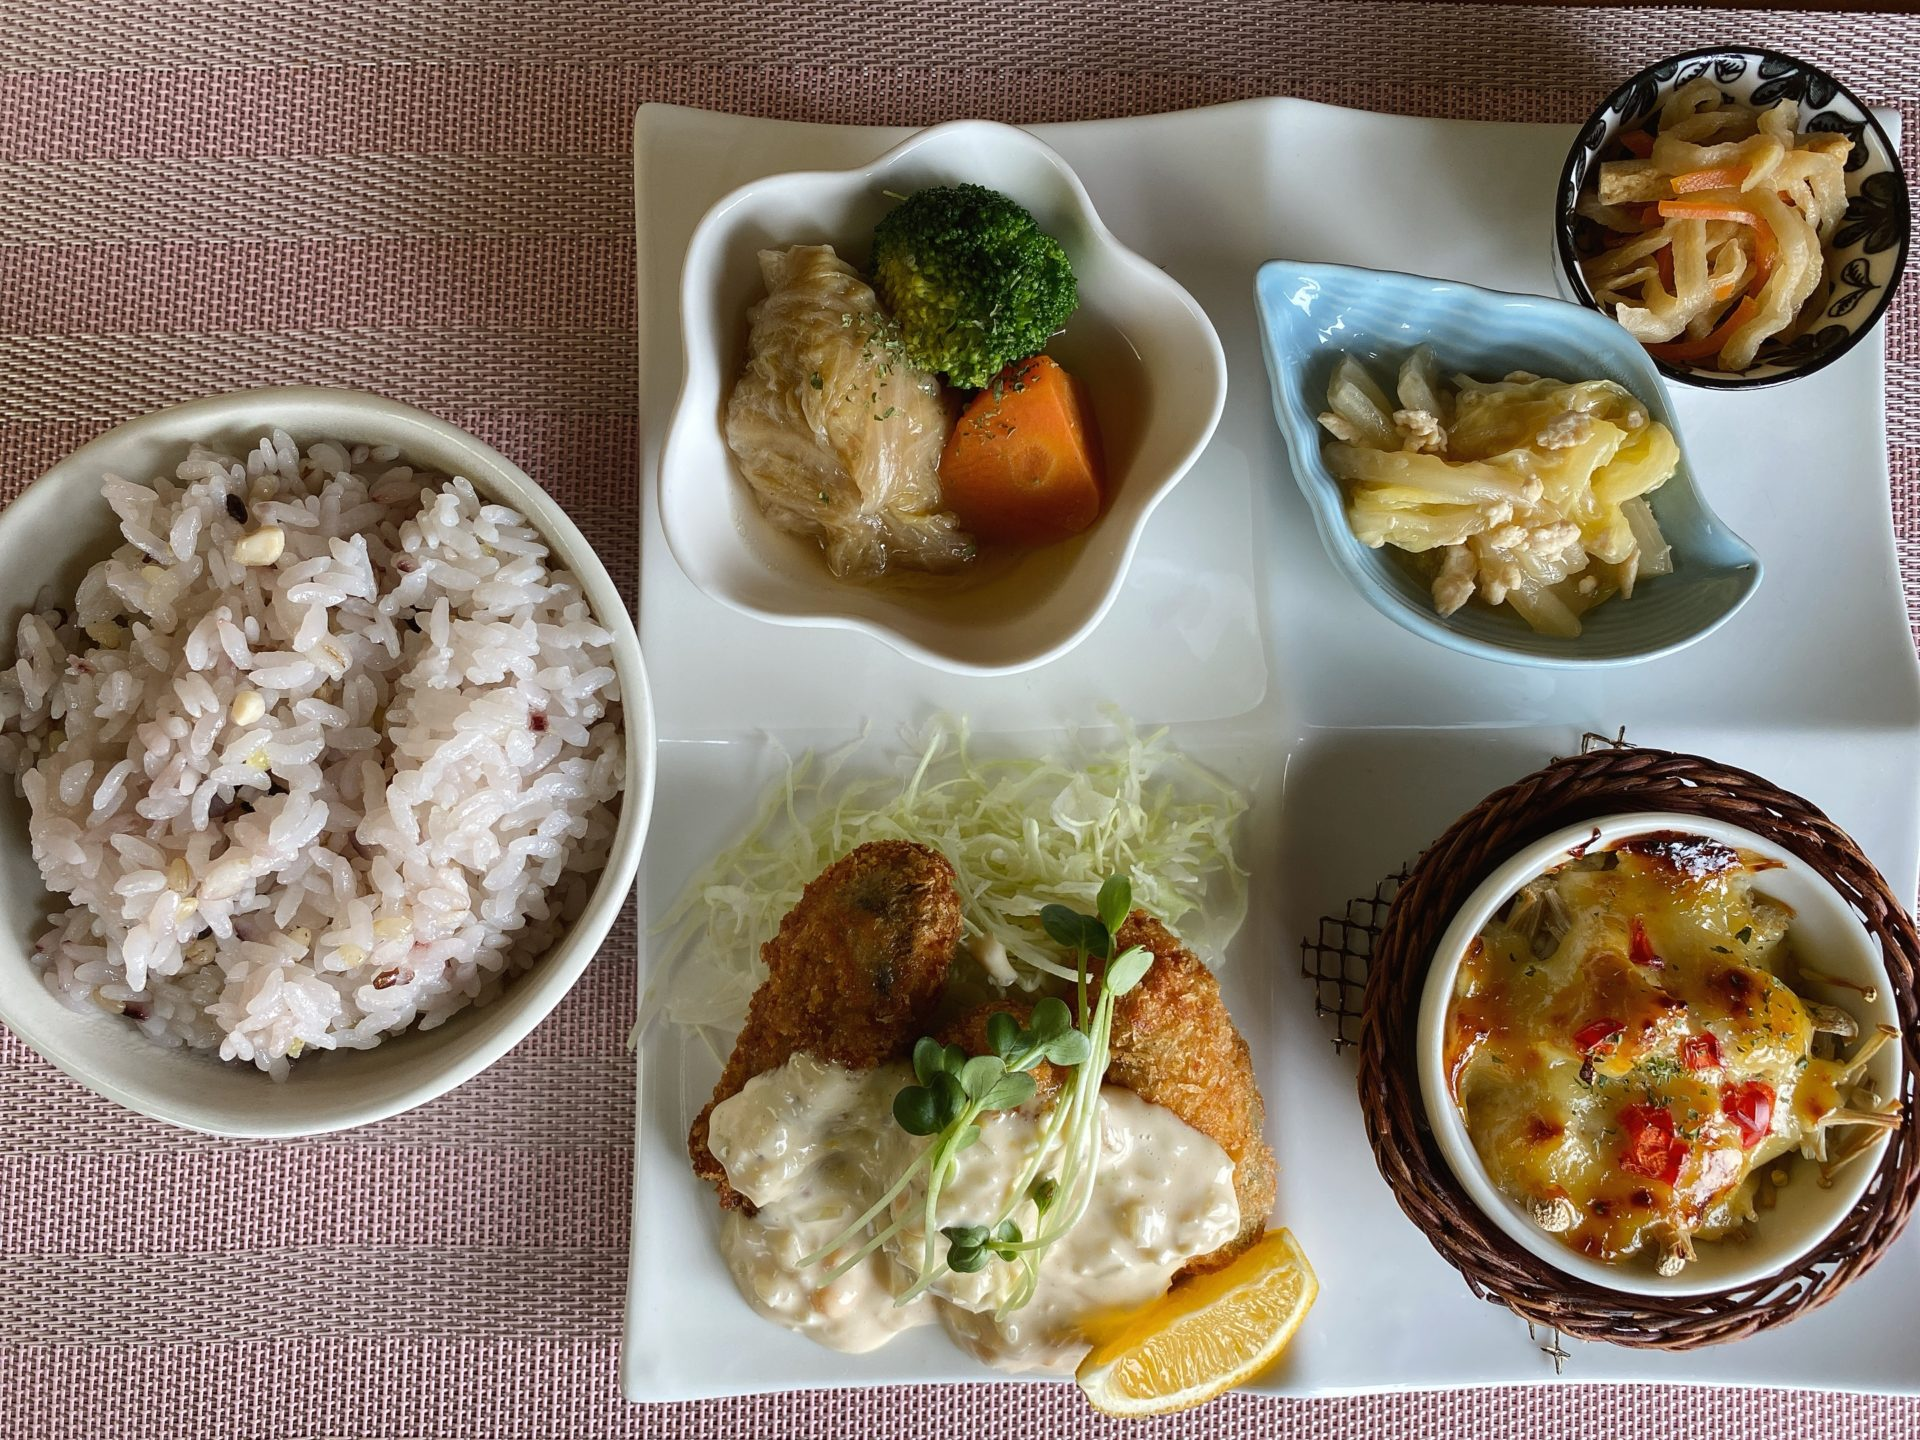 瀬戸内市牛窓 forza cafe(フォルツァカフェ)で日本のエーゲ海を眺めながら 優雅にランチ!牛窓産のカキフライが美味い!